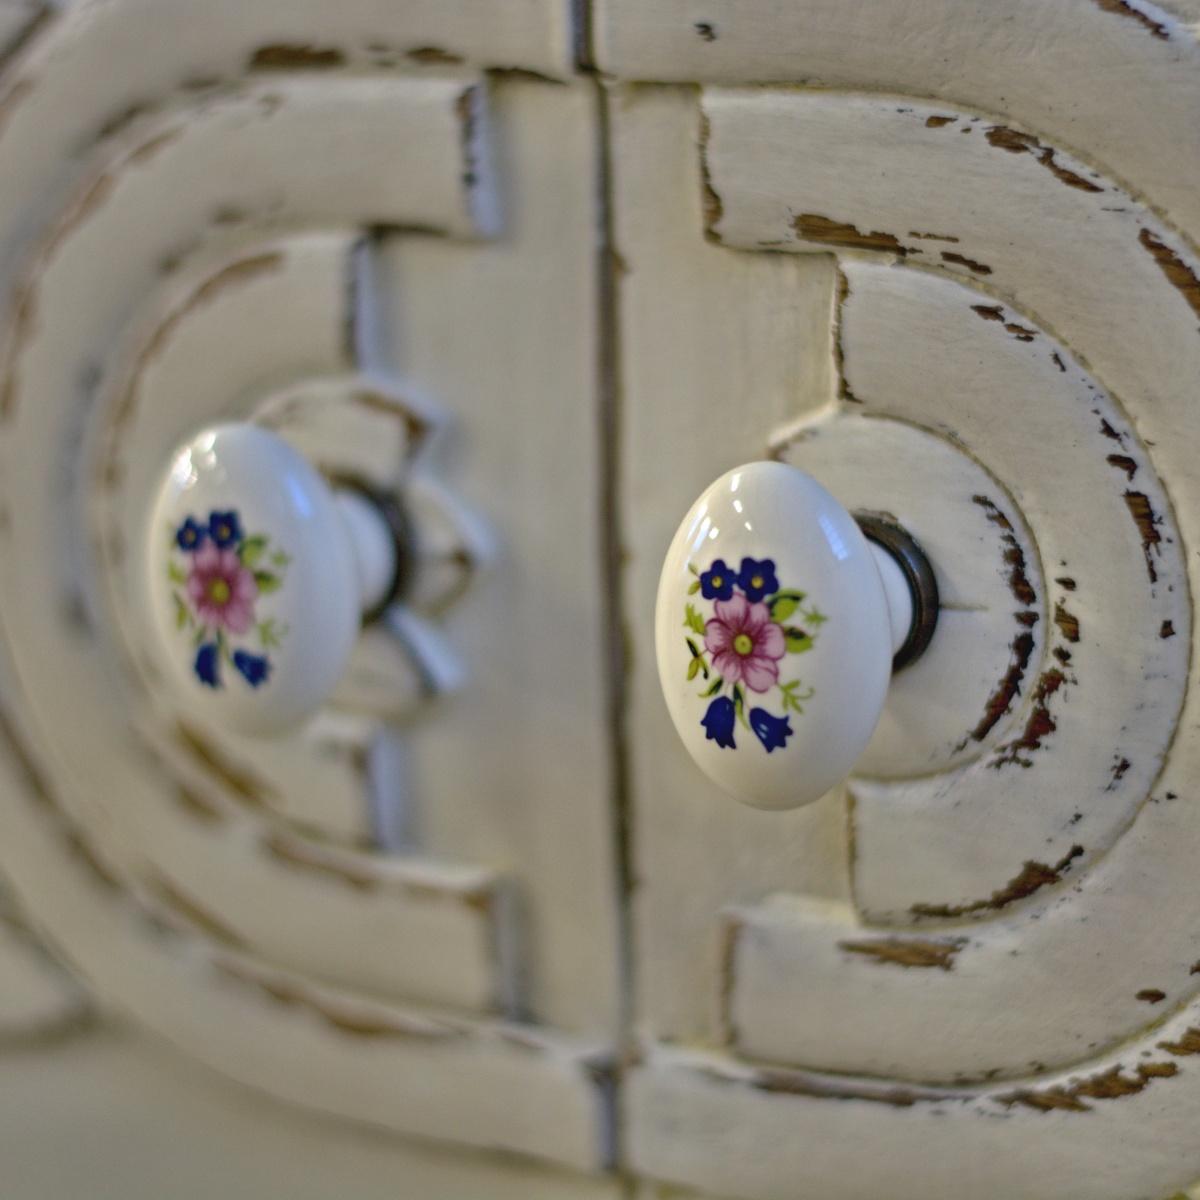 bílá komoda s porcelánovými knopkami po skříň po celkové renovaci detail porcelánových knopek